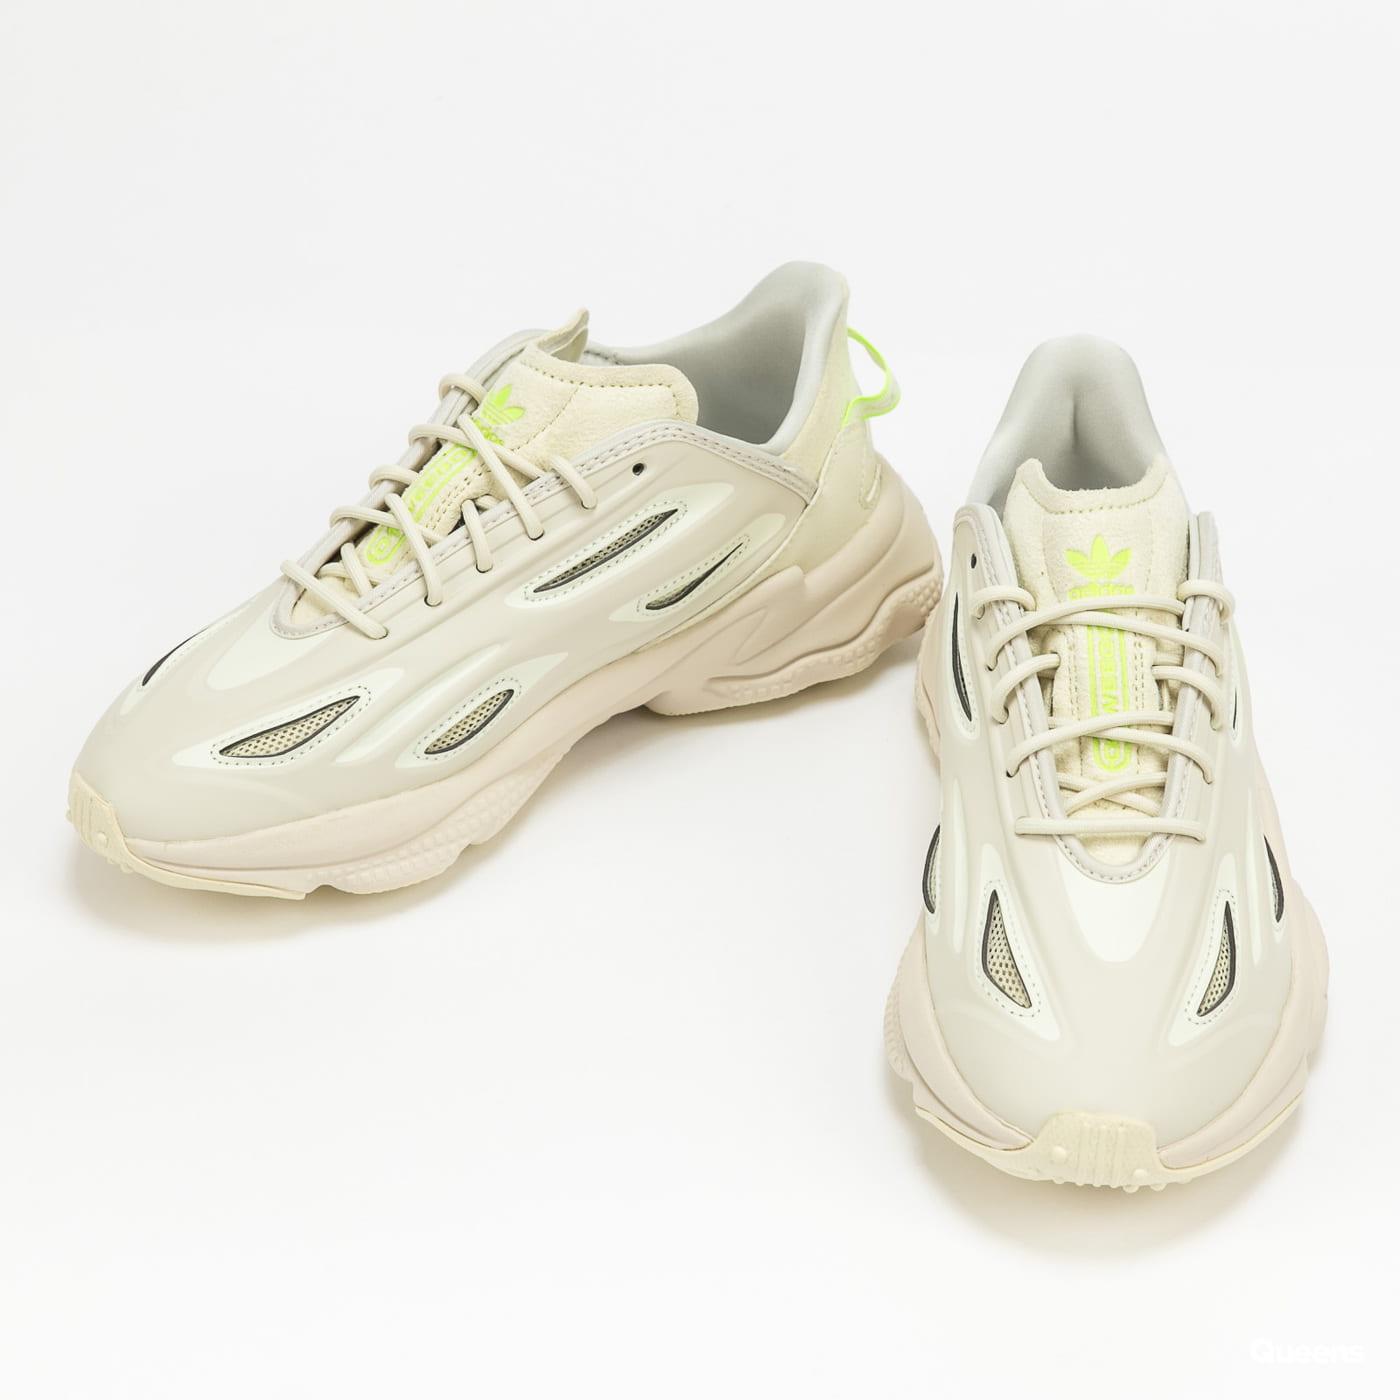 adidas Originals Ozweego Celox W talc / sand / siggnr